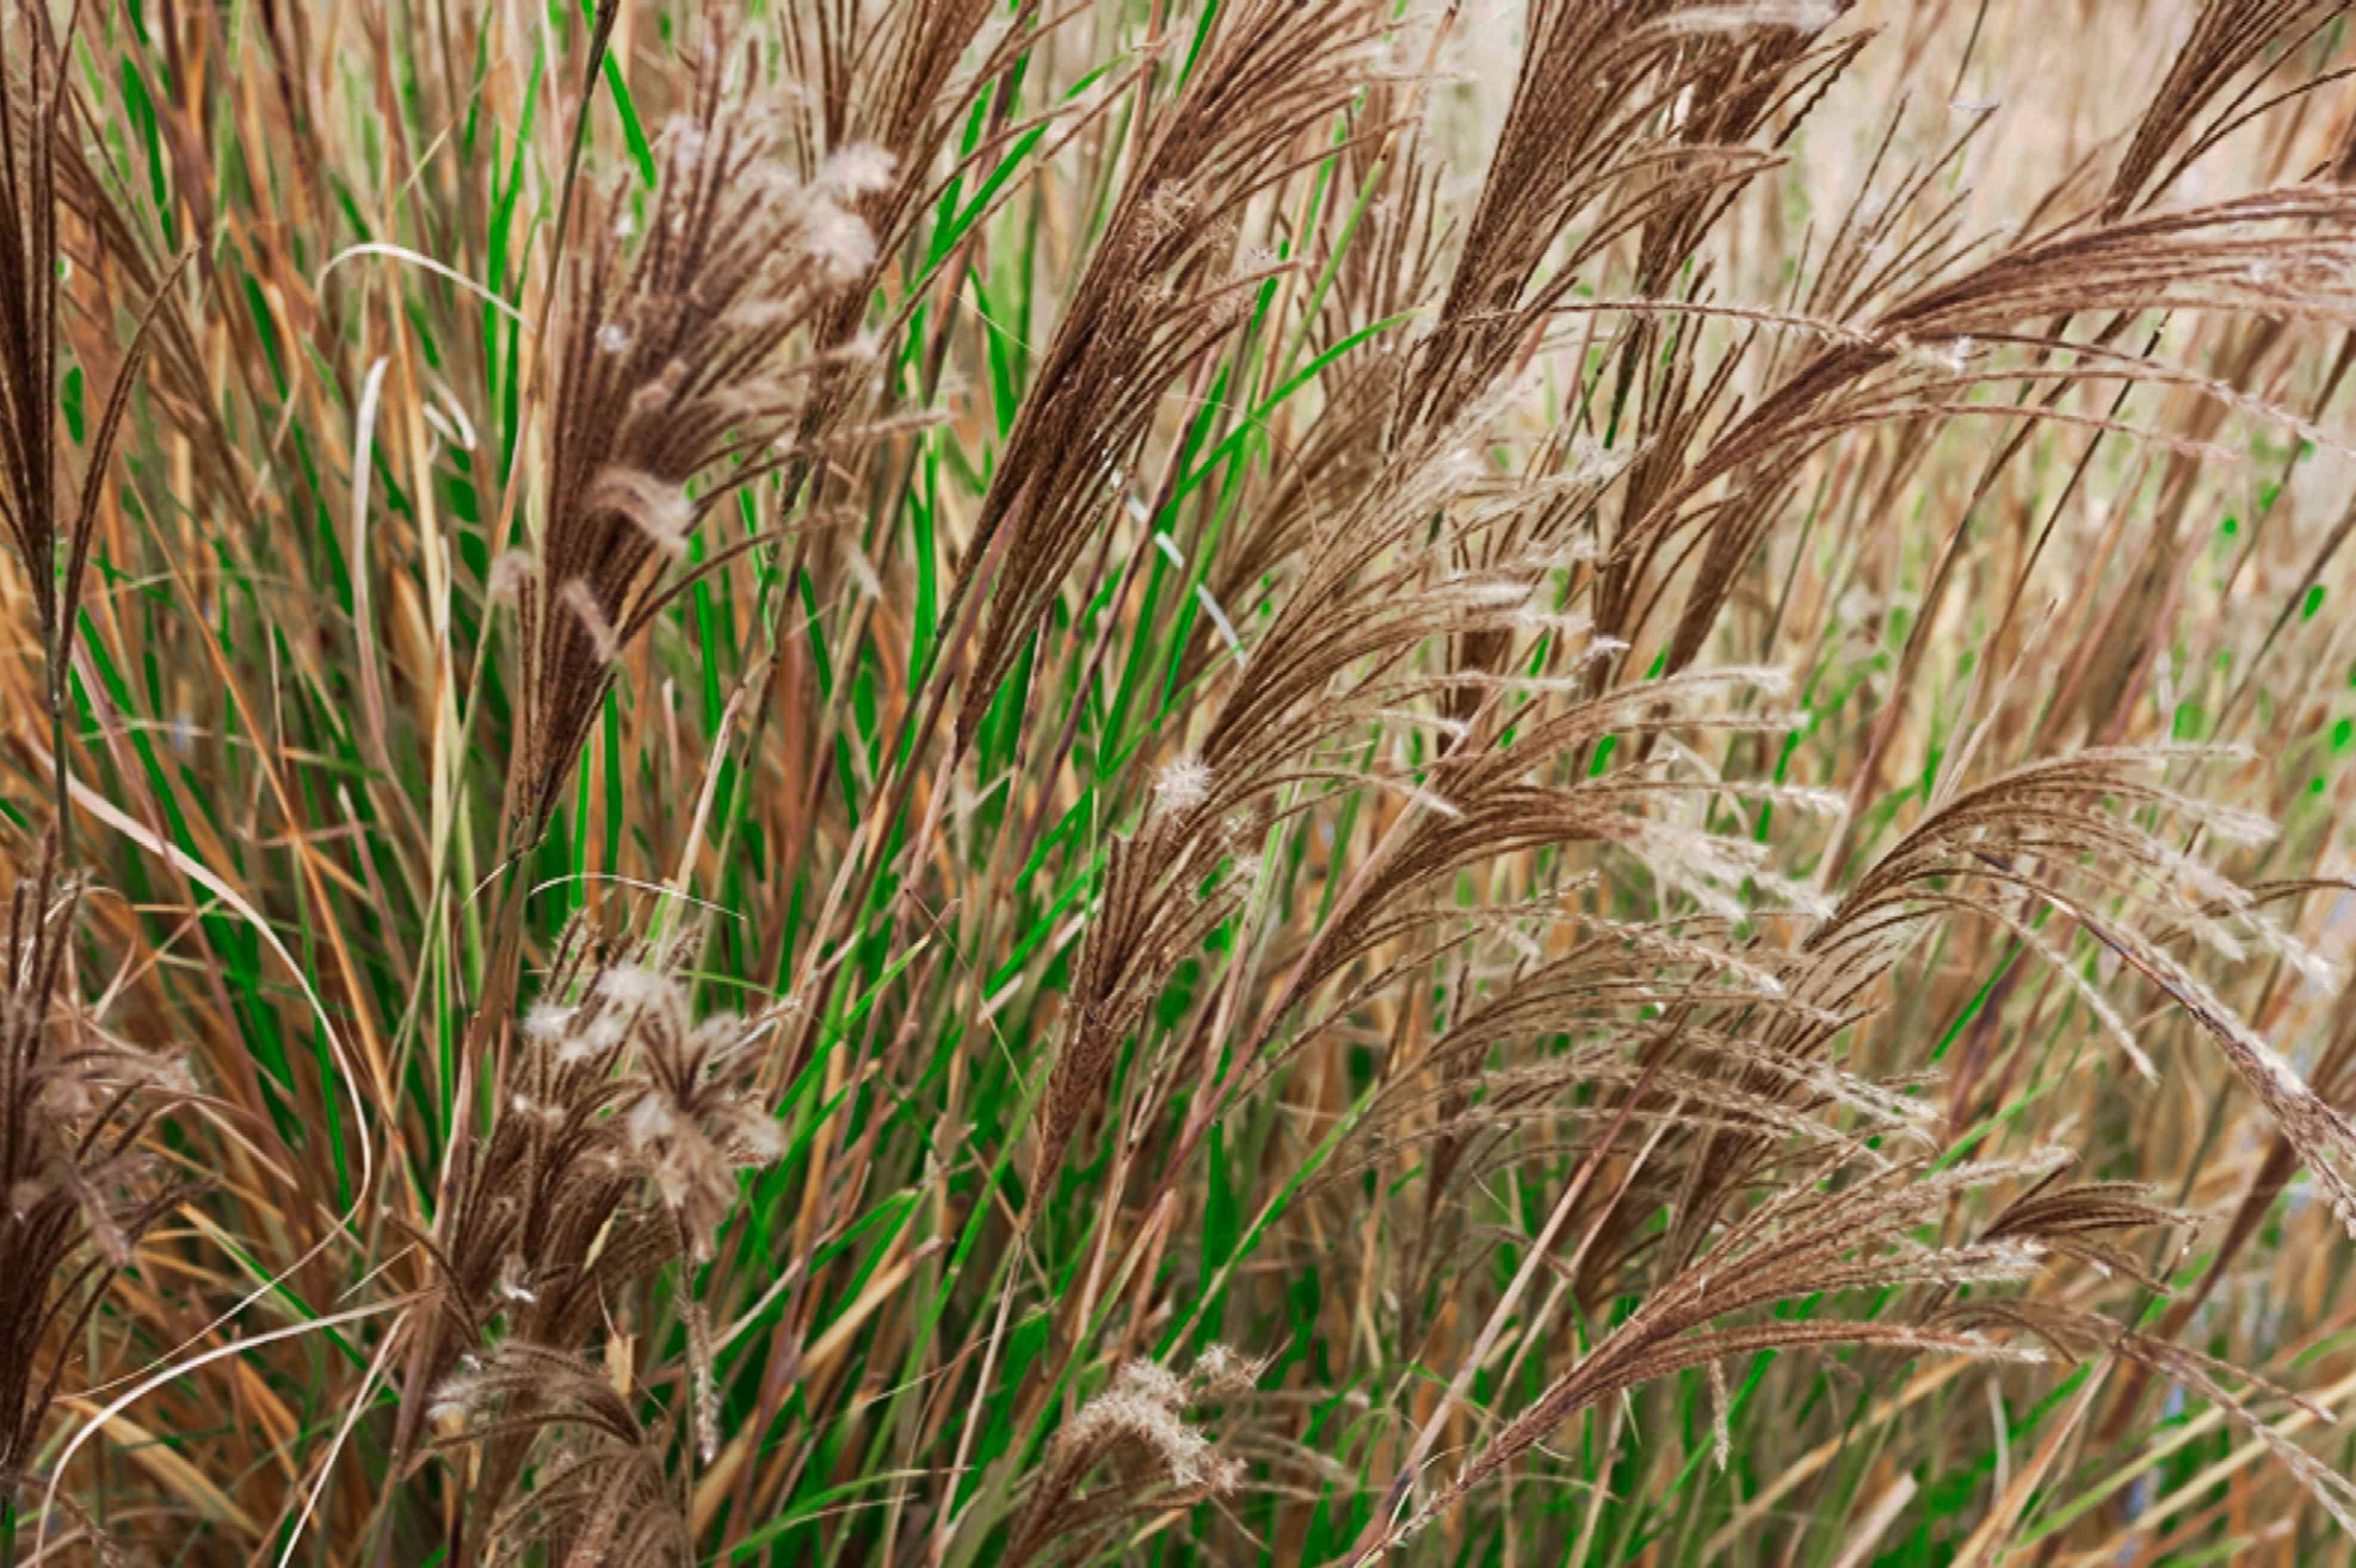 Ornamental grass with tan wheat-like plumes in warm season closeup